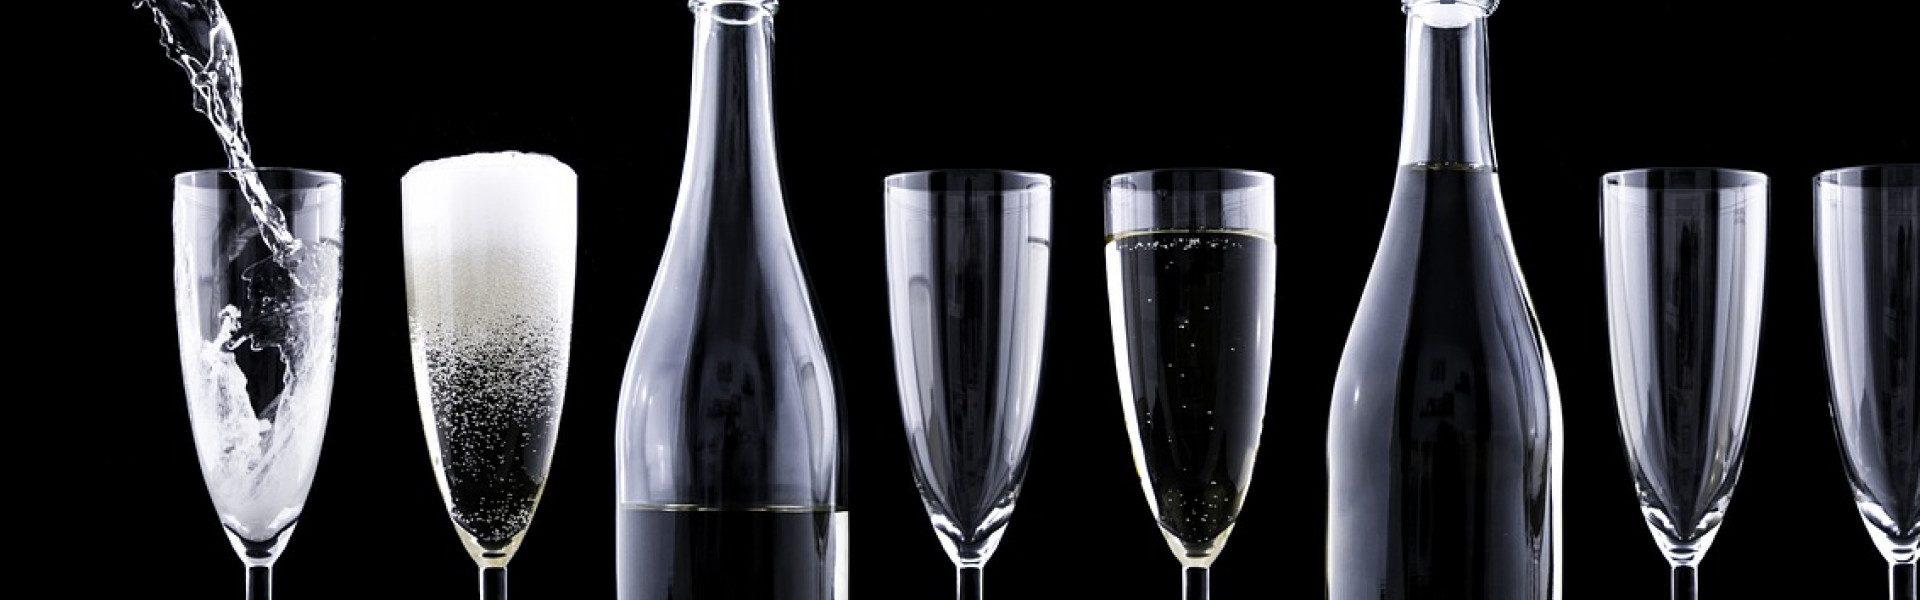 Découvrez les astuces pour conserver votre bouteille de champagne